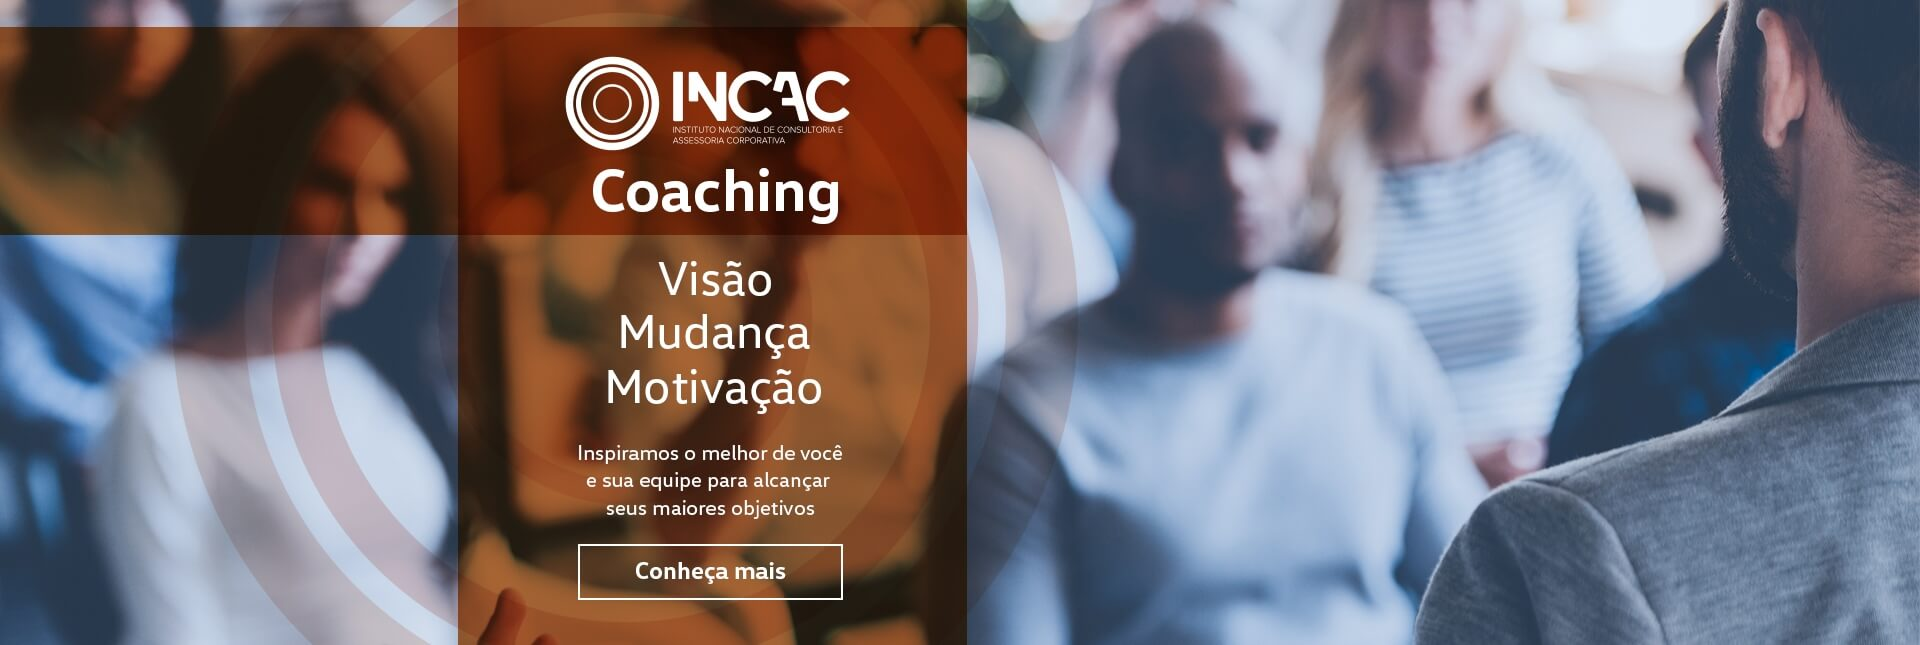 Coaching - INCAC  - Instituto Nacional de Consultoria e Acessoria Corporativa